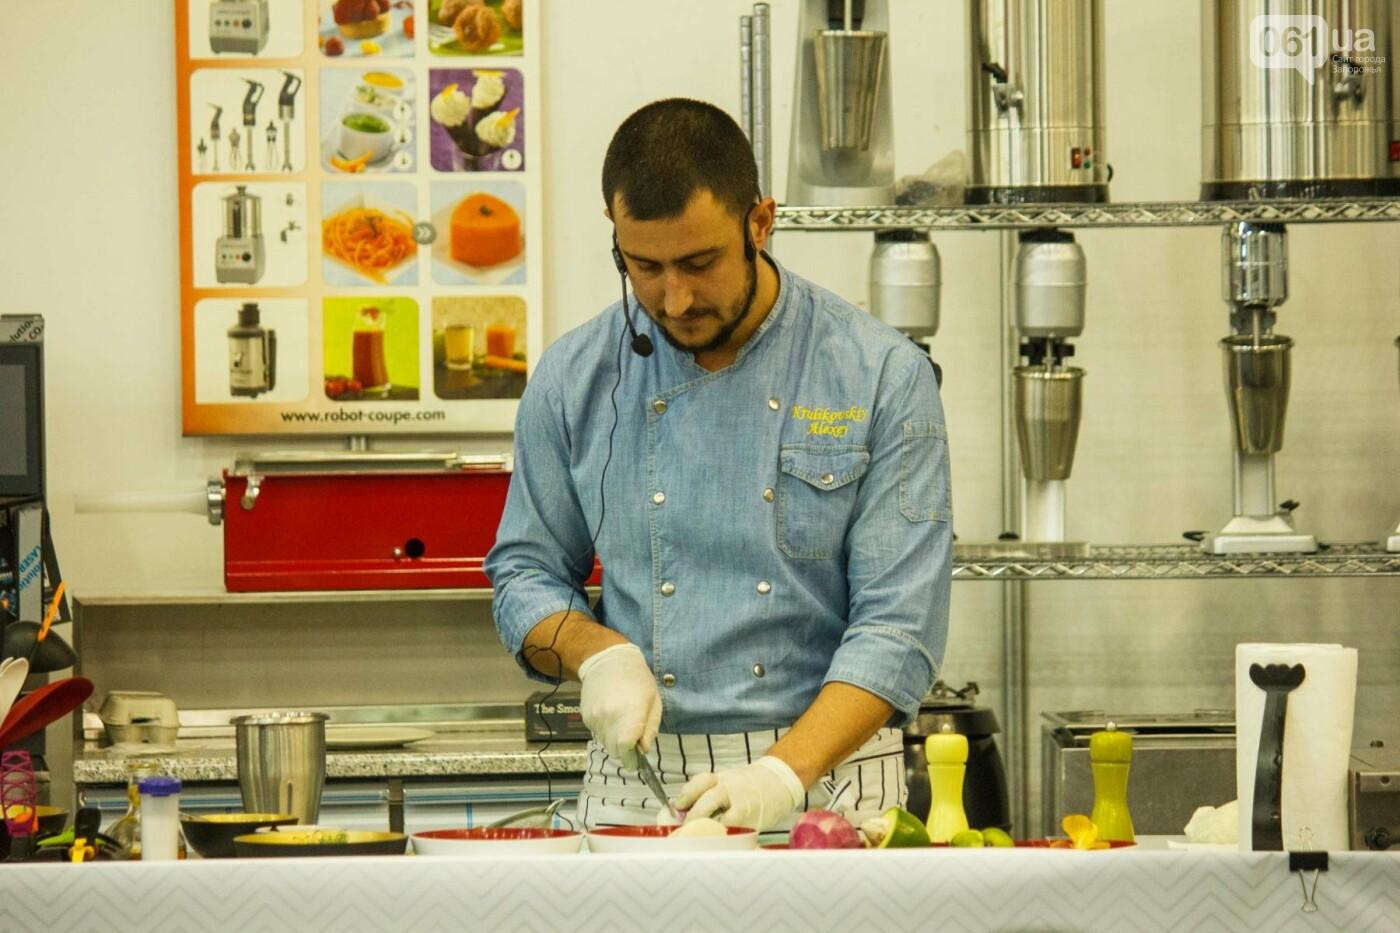 Шеф-повара запорожских ресторанов провели мастер-класс для горожан: как это было, - ФОТОРЕПОРТАЖ, фото-48